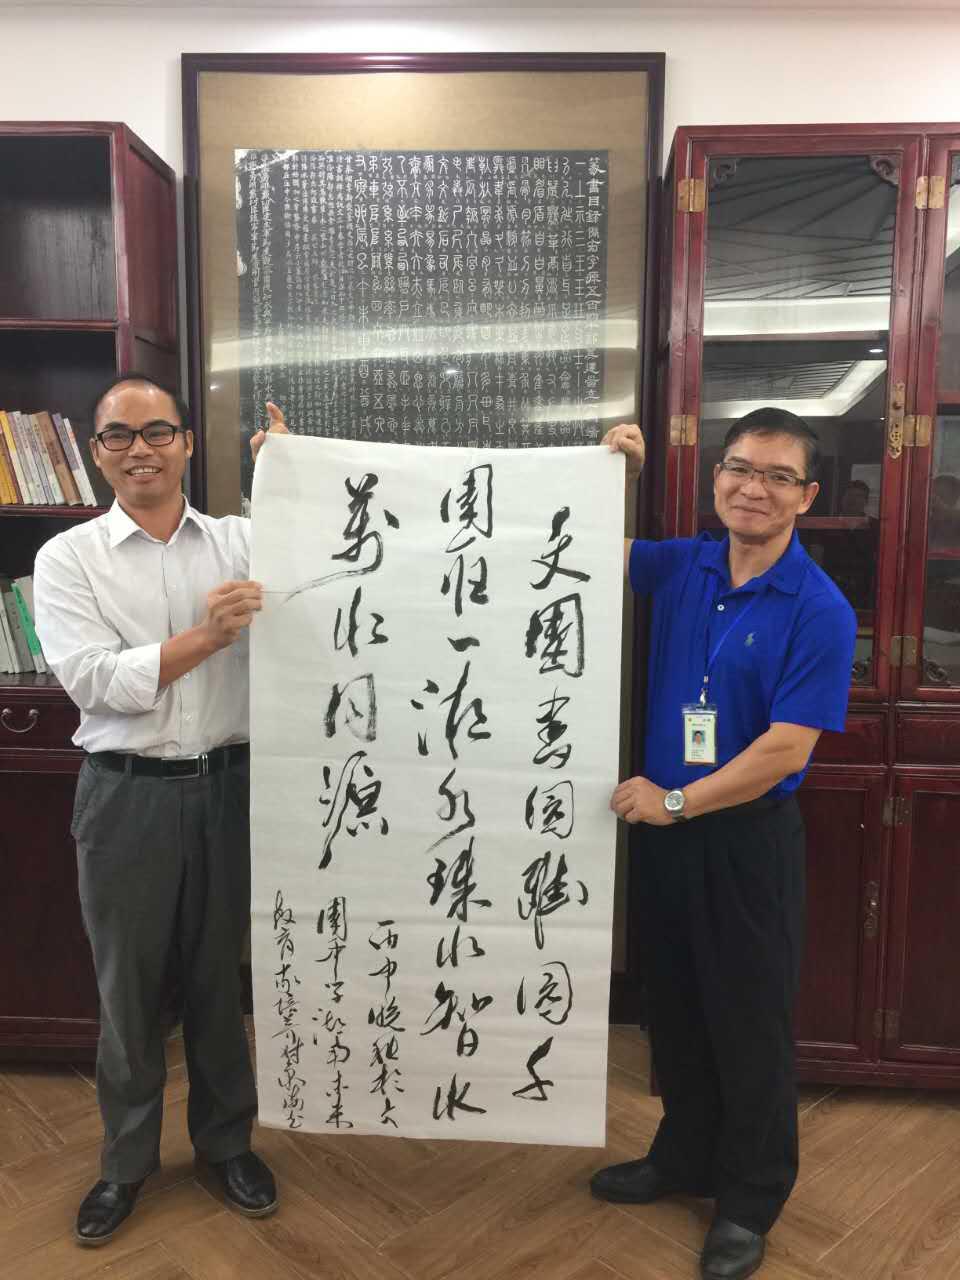 学员邓之在文园中学写的对联(摄影:黄凌逸).jpg